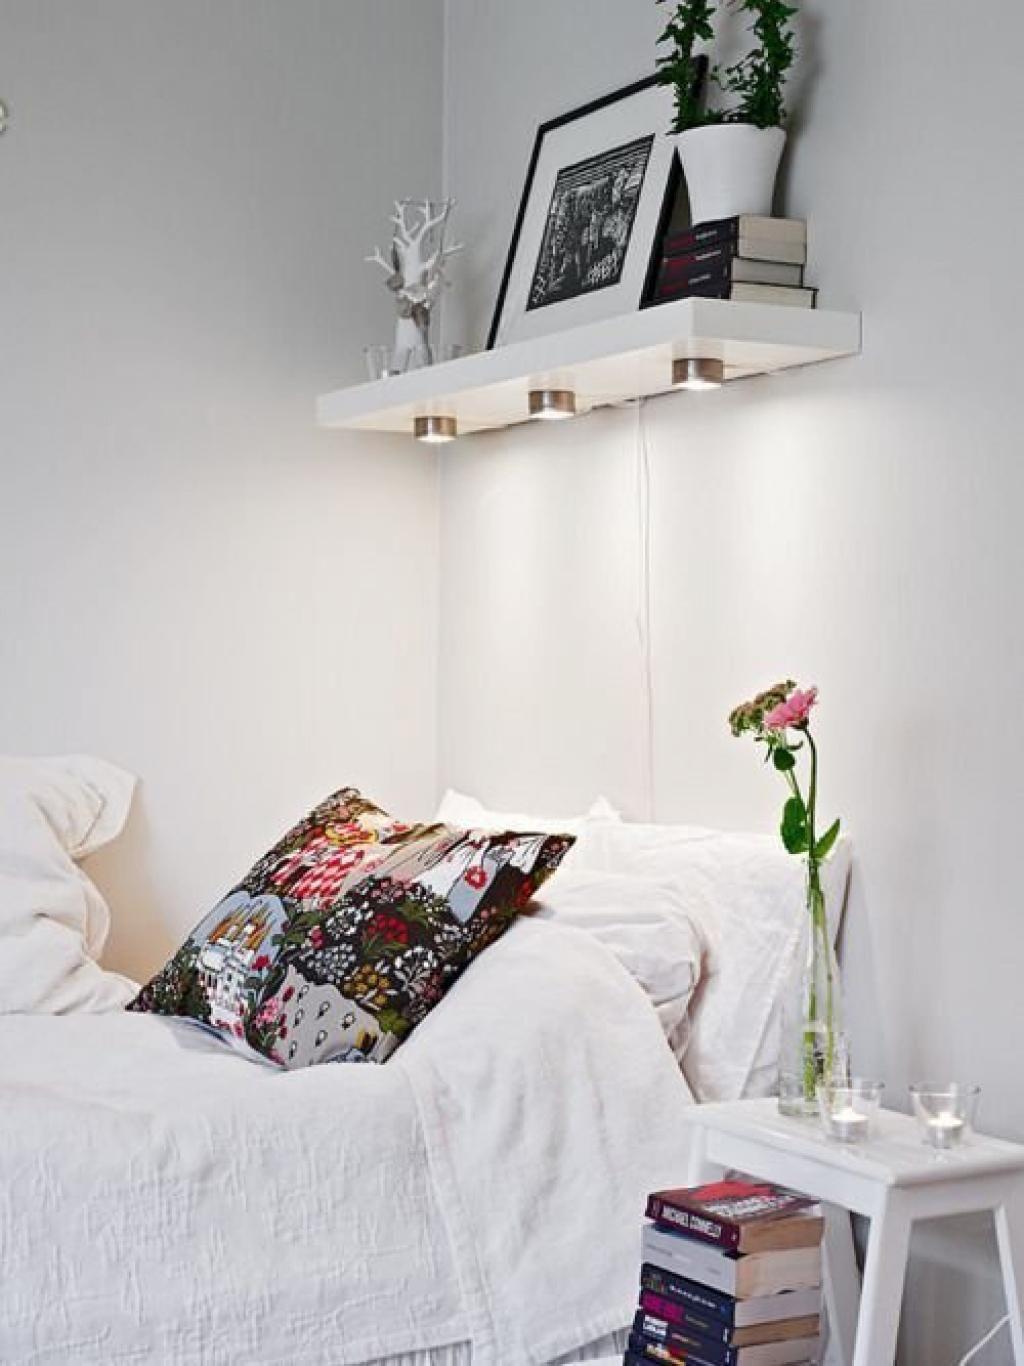 14 astuces pour organiser une toute petite chambre coucher deco pinterest decoracion. Black Bedroom Furniture Sets. Home Design Ideas